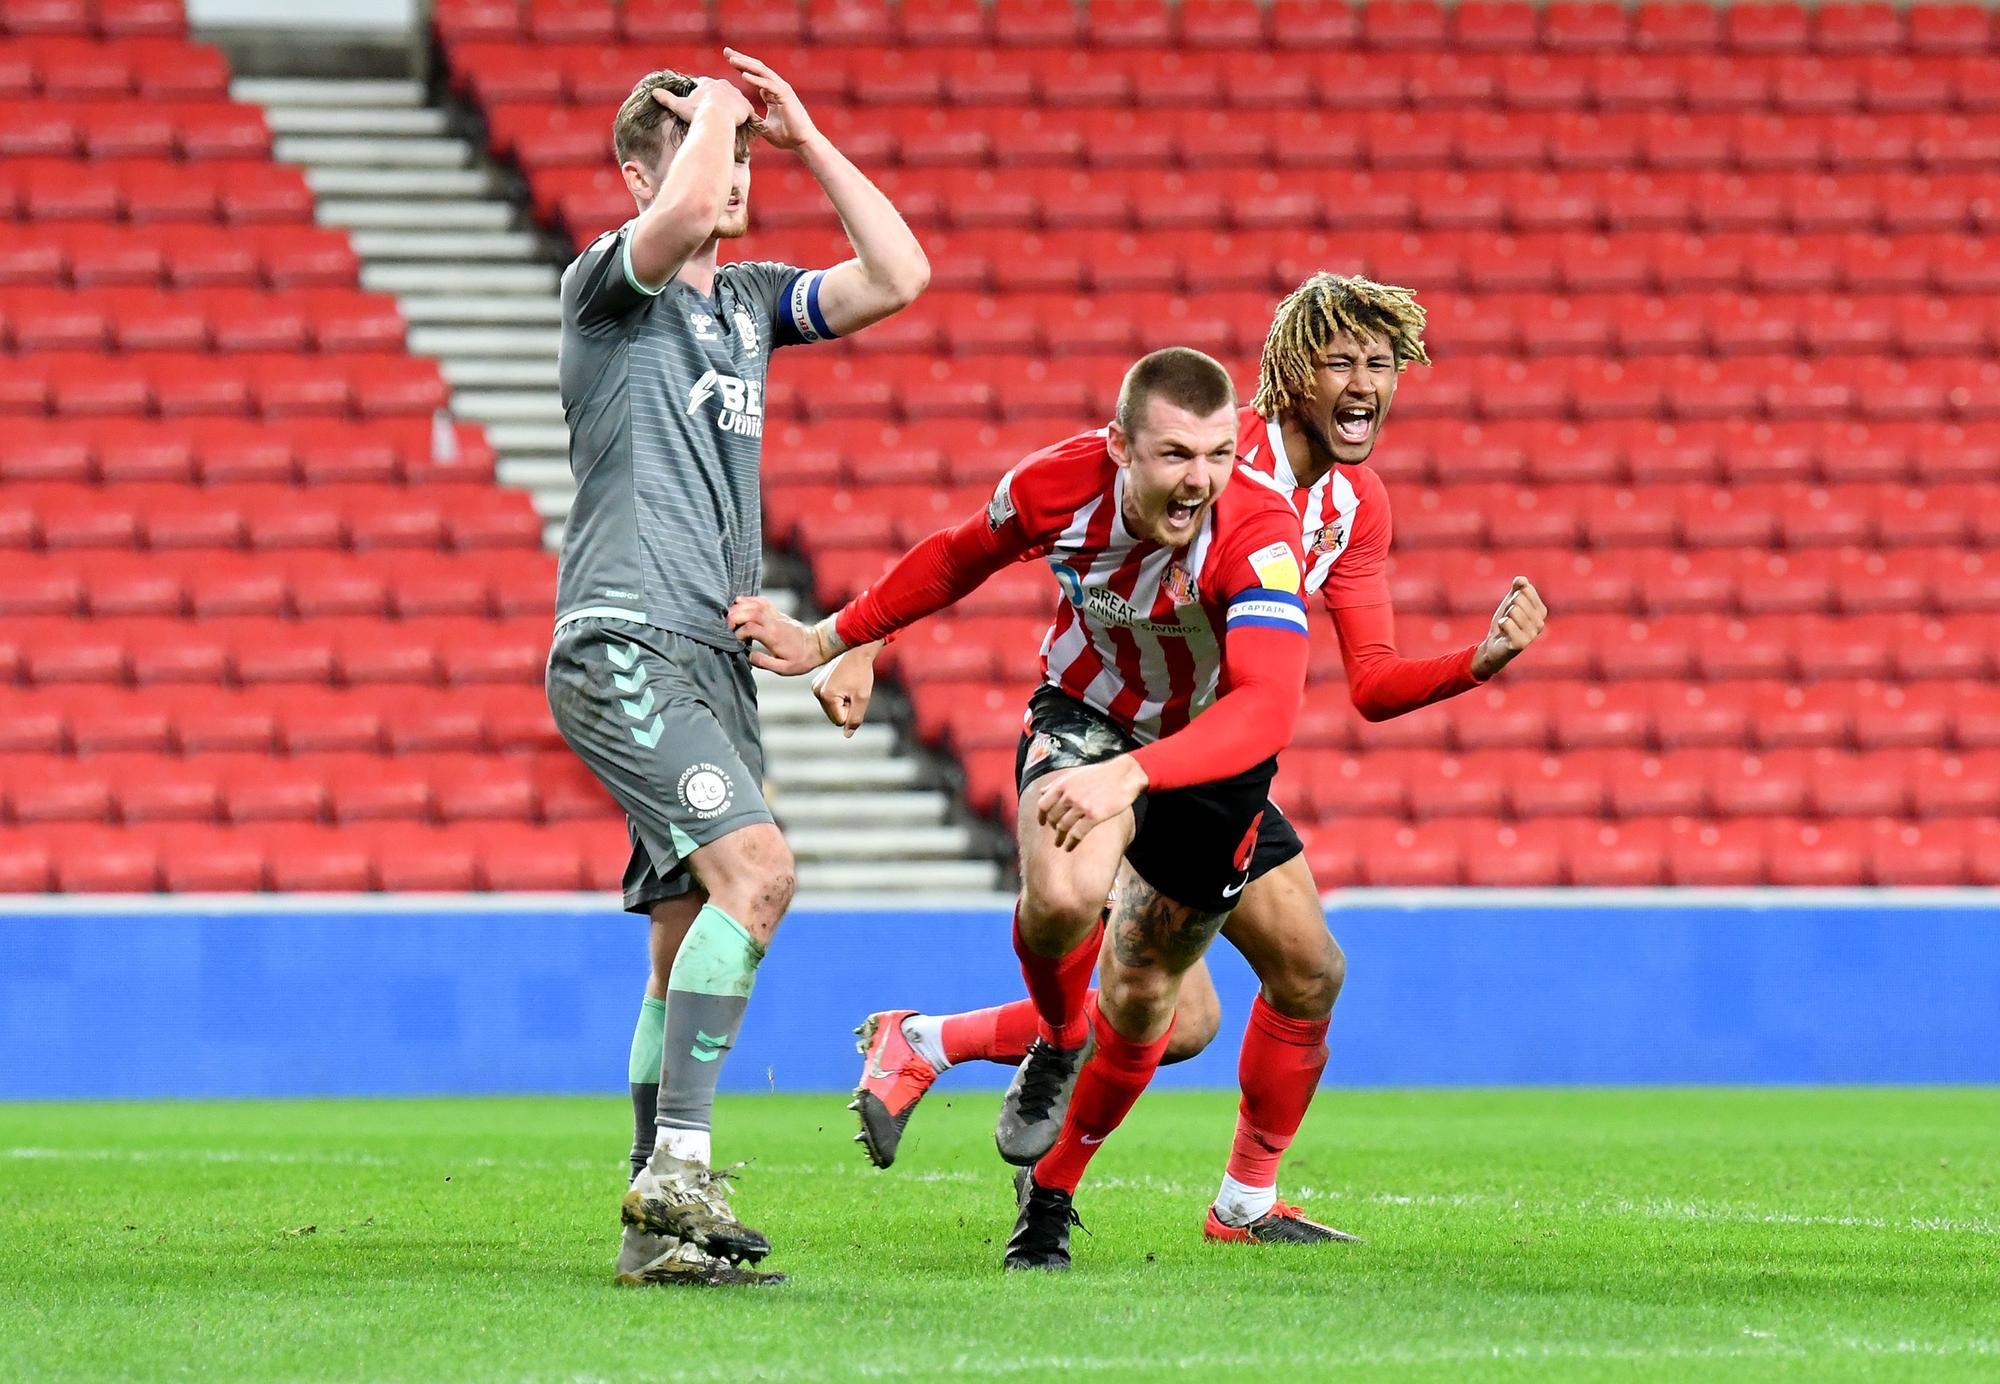 Power goal Sunderland blog